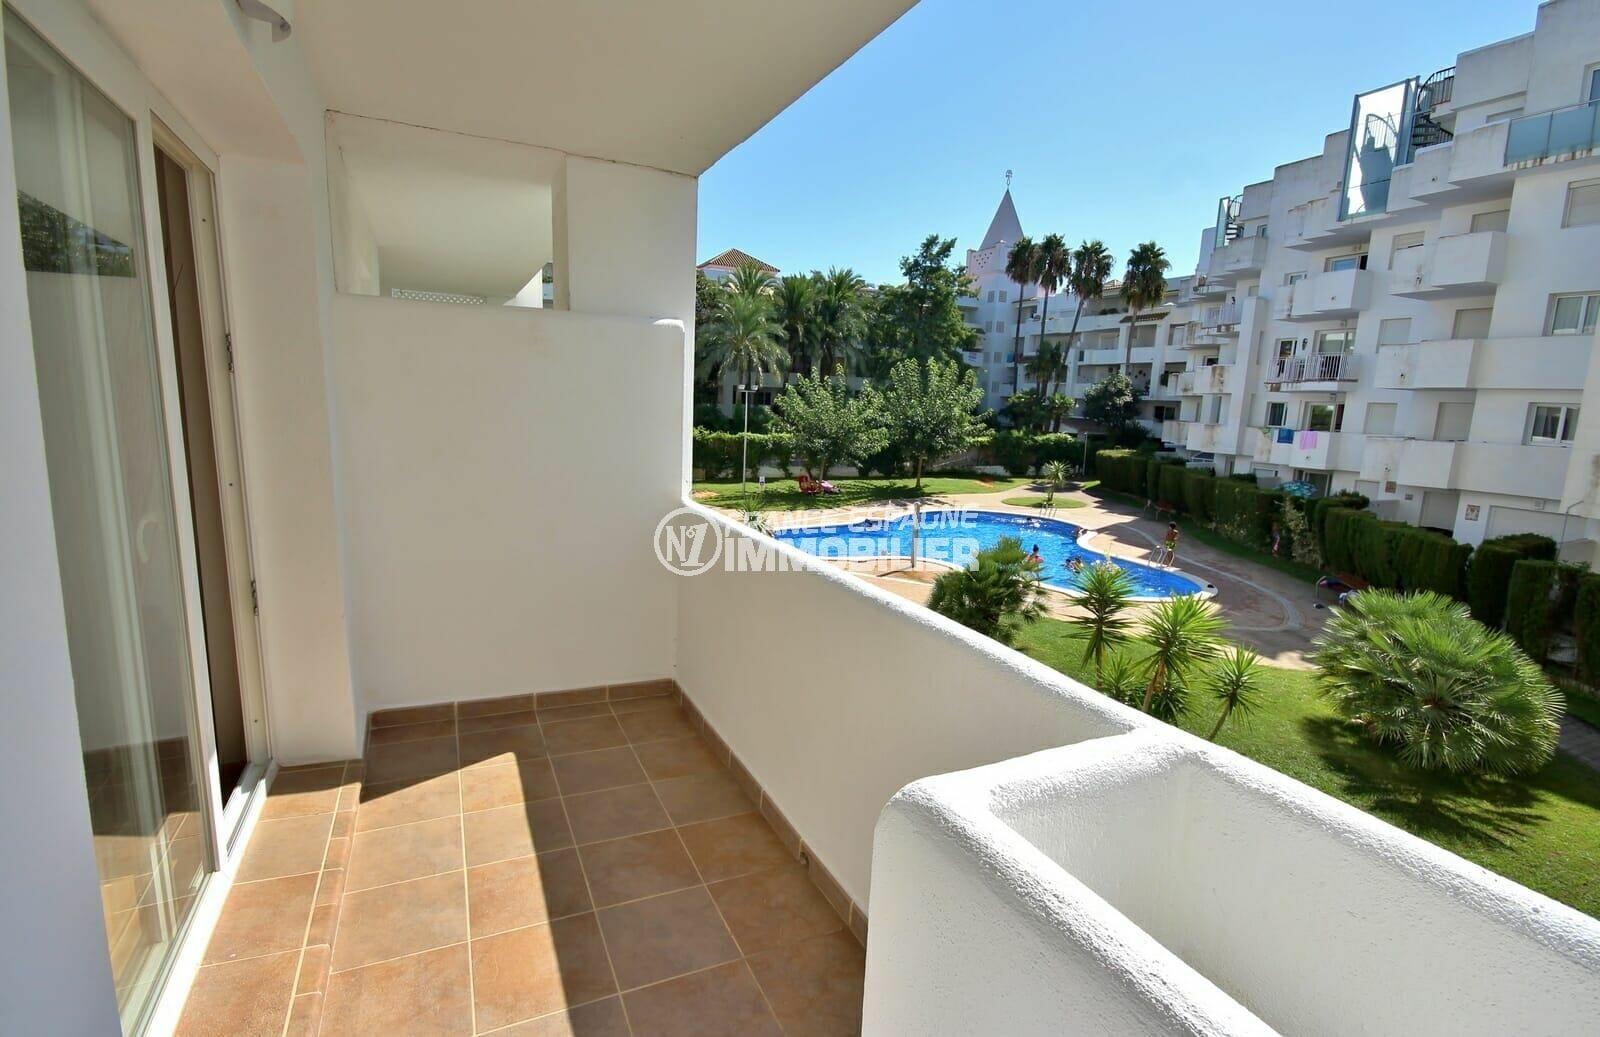 vente appartement rosas, résidence avec piscine, terrasse, proche de la plage